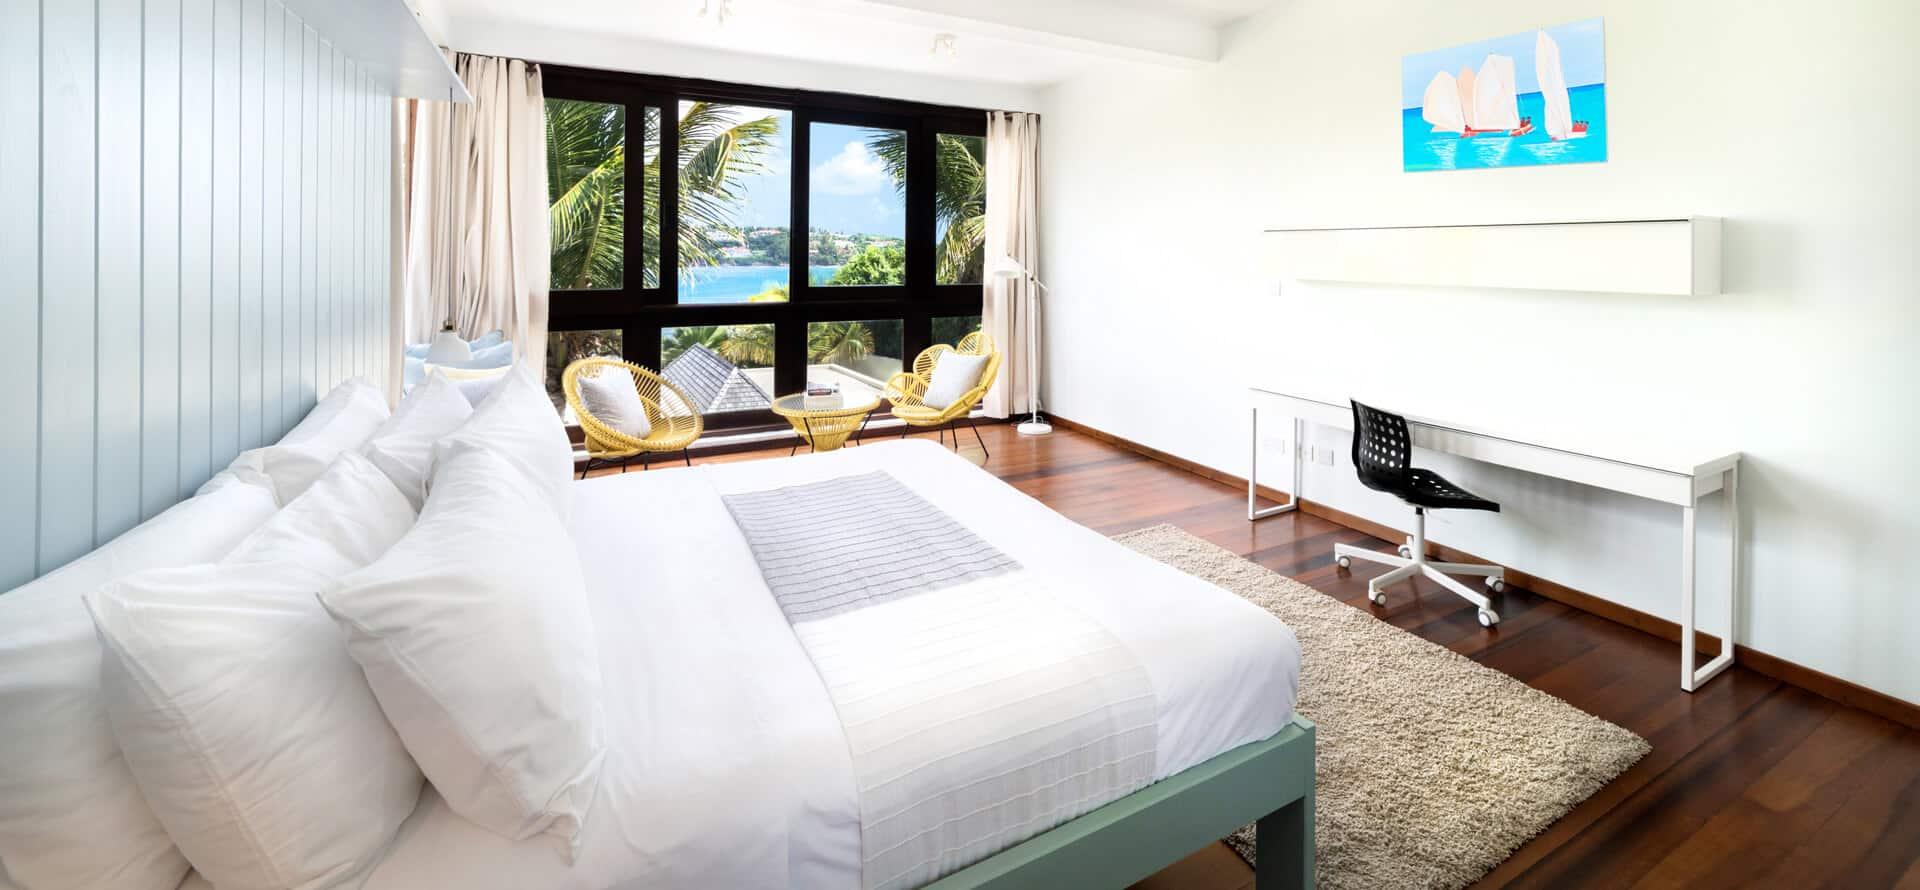 seaview villa in Grenada